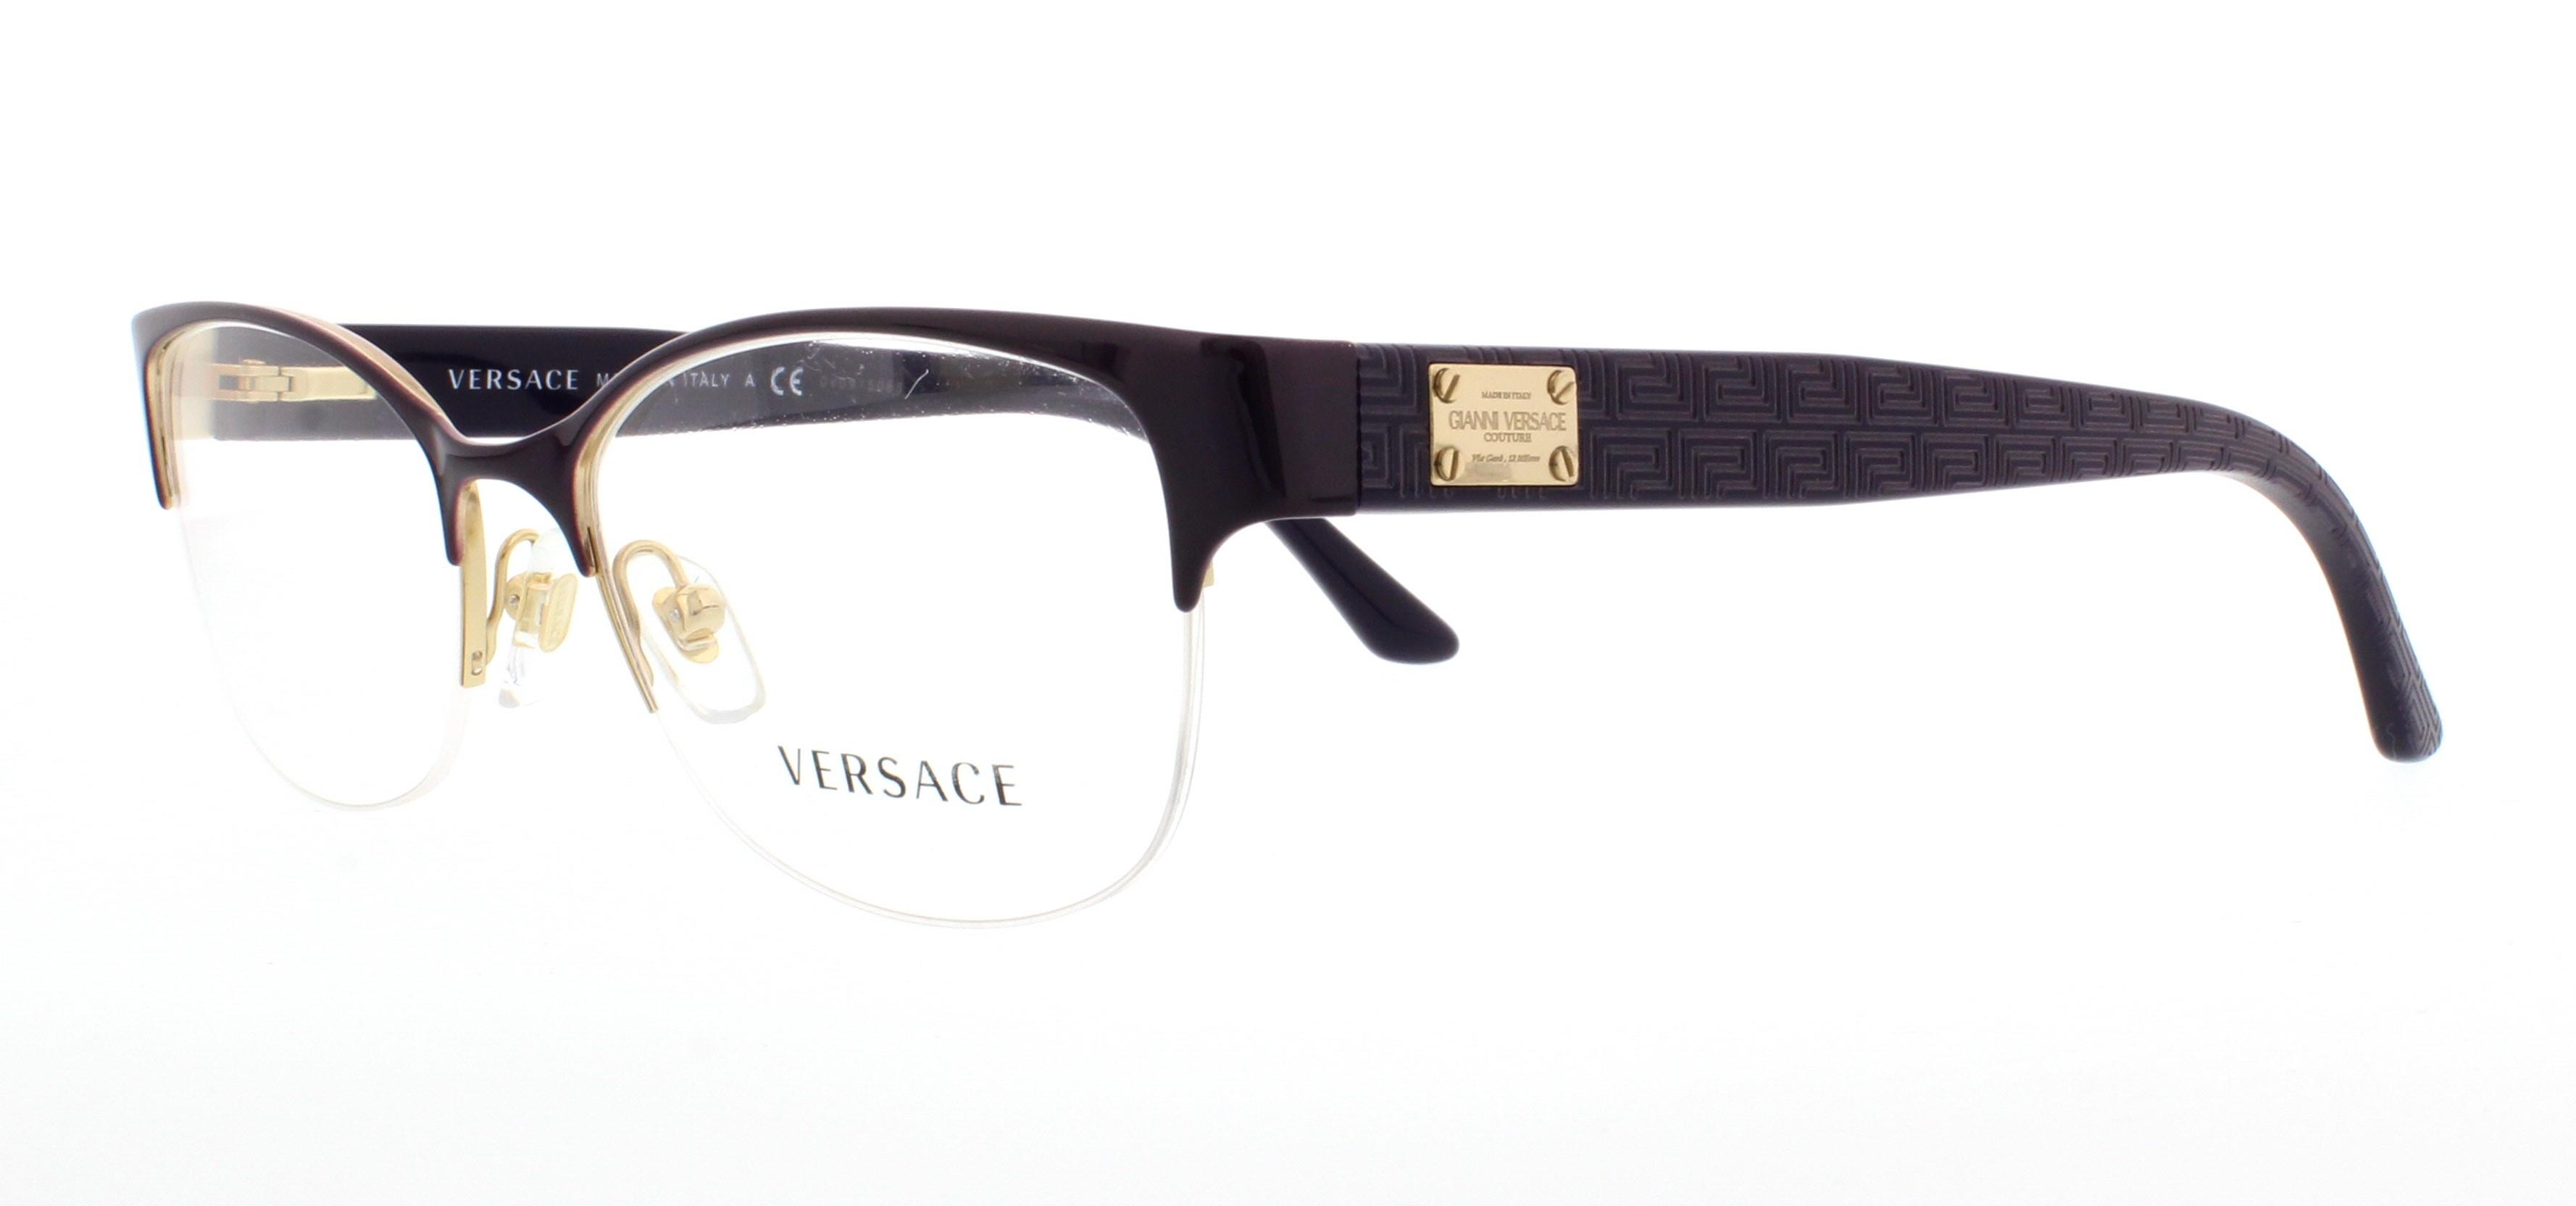 3ef58e42a9 Designer Frames Outlet. Versace VE1222